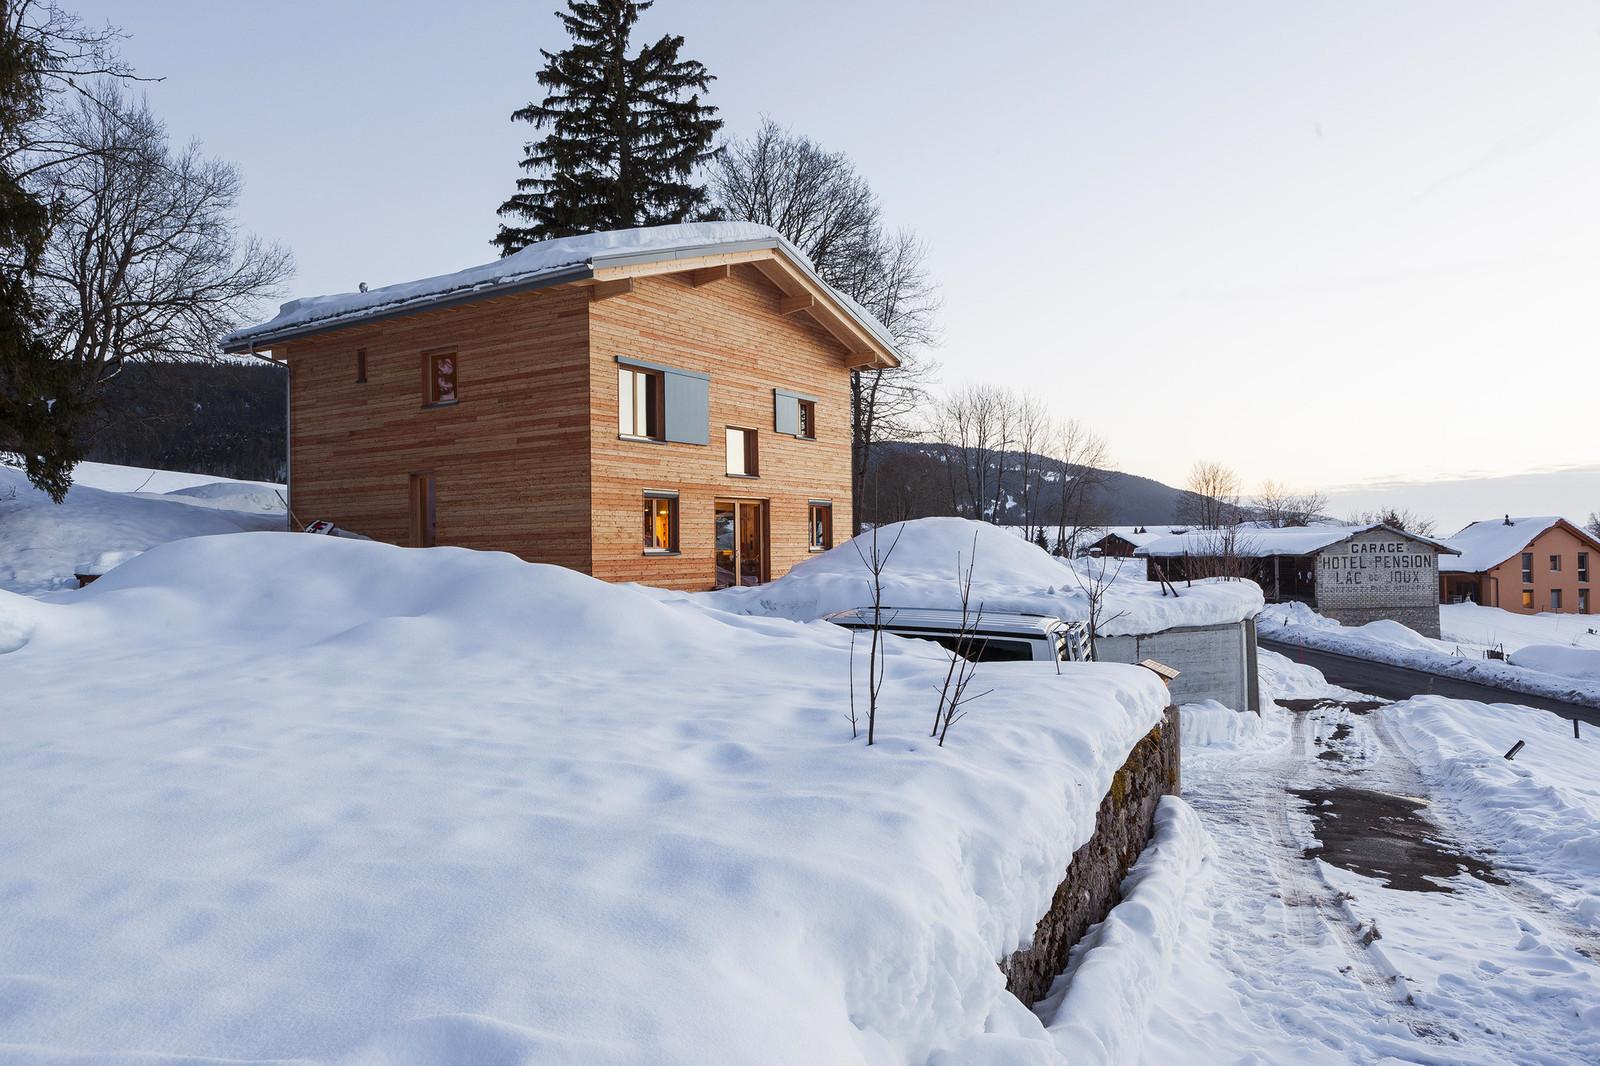 cottage-r-just3ds.com-5